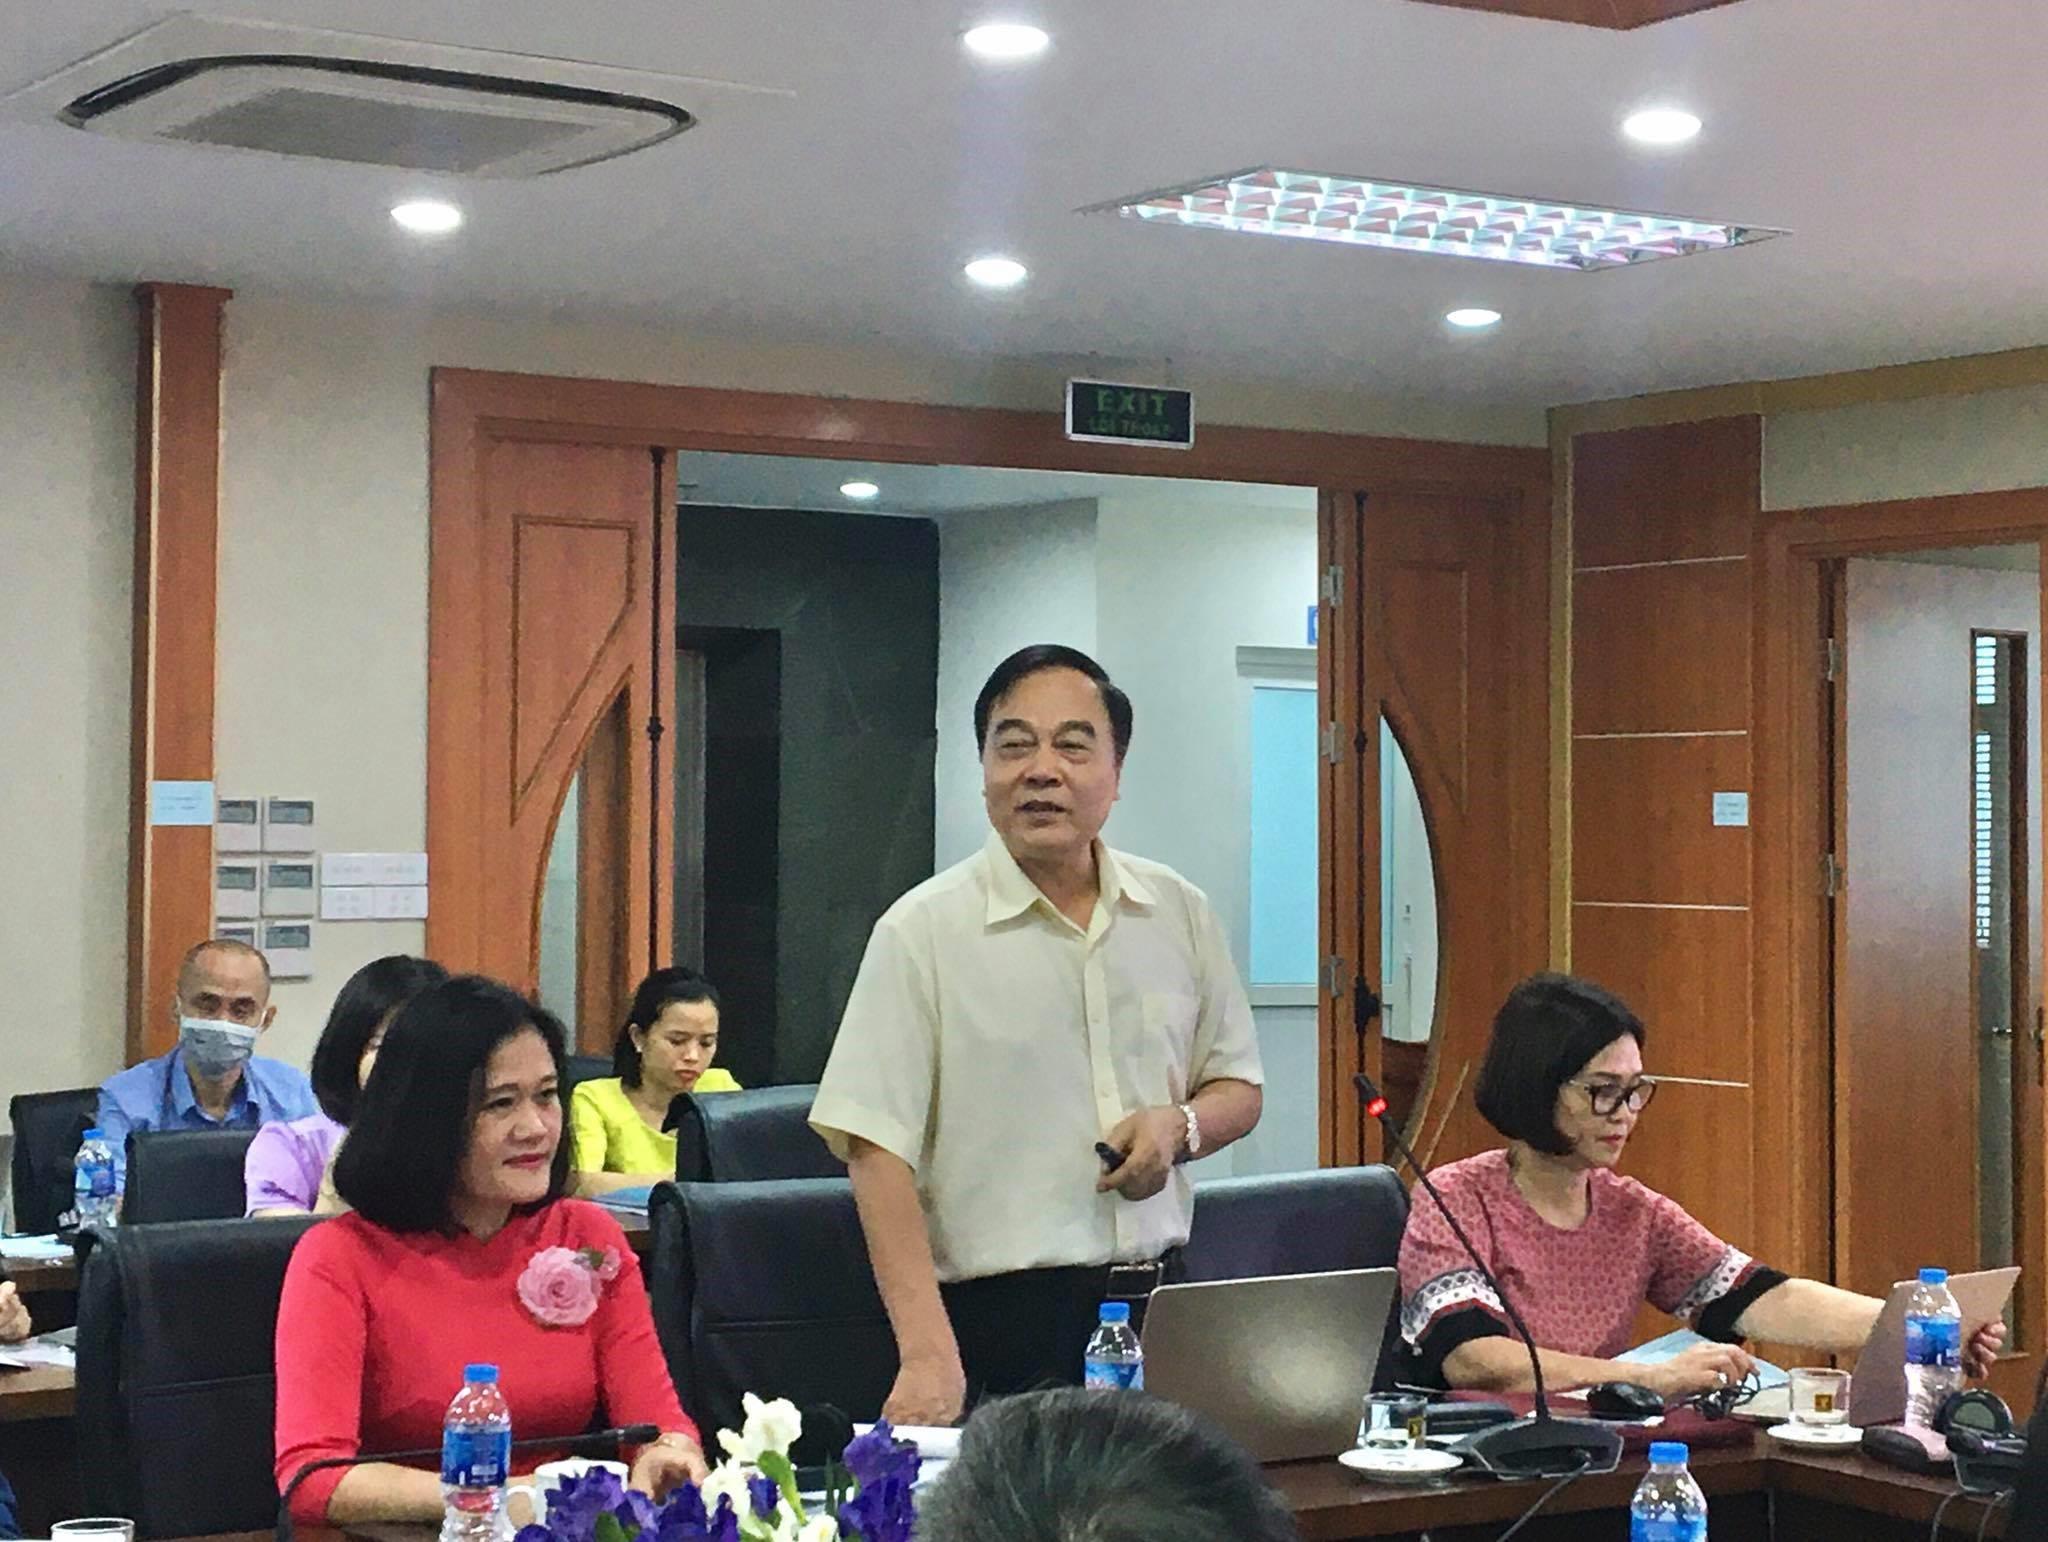 Ảnh 2: TS. Nguyễn Hải Hữu - Chủ tịch hội các trường đào tạo CTXH  phát biểu tại hội thảo